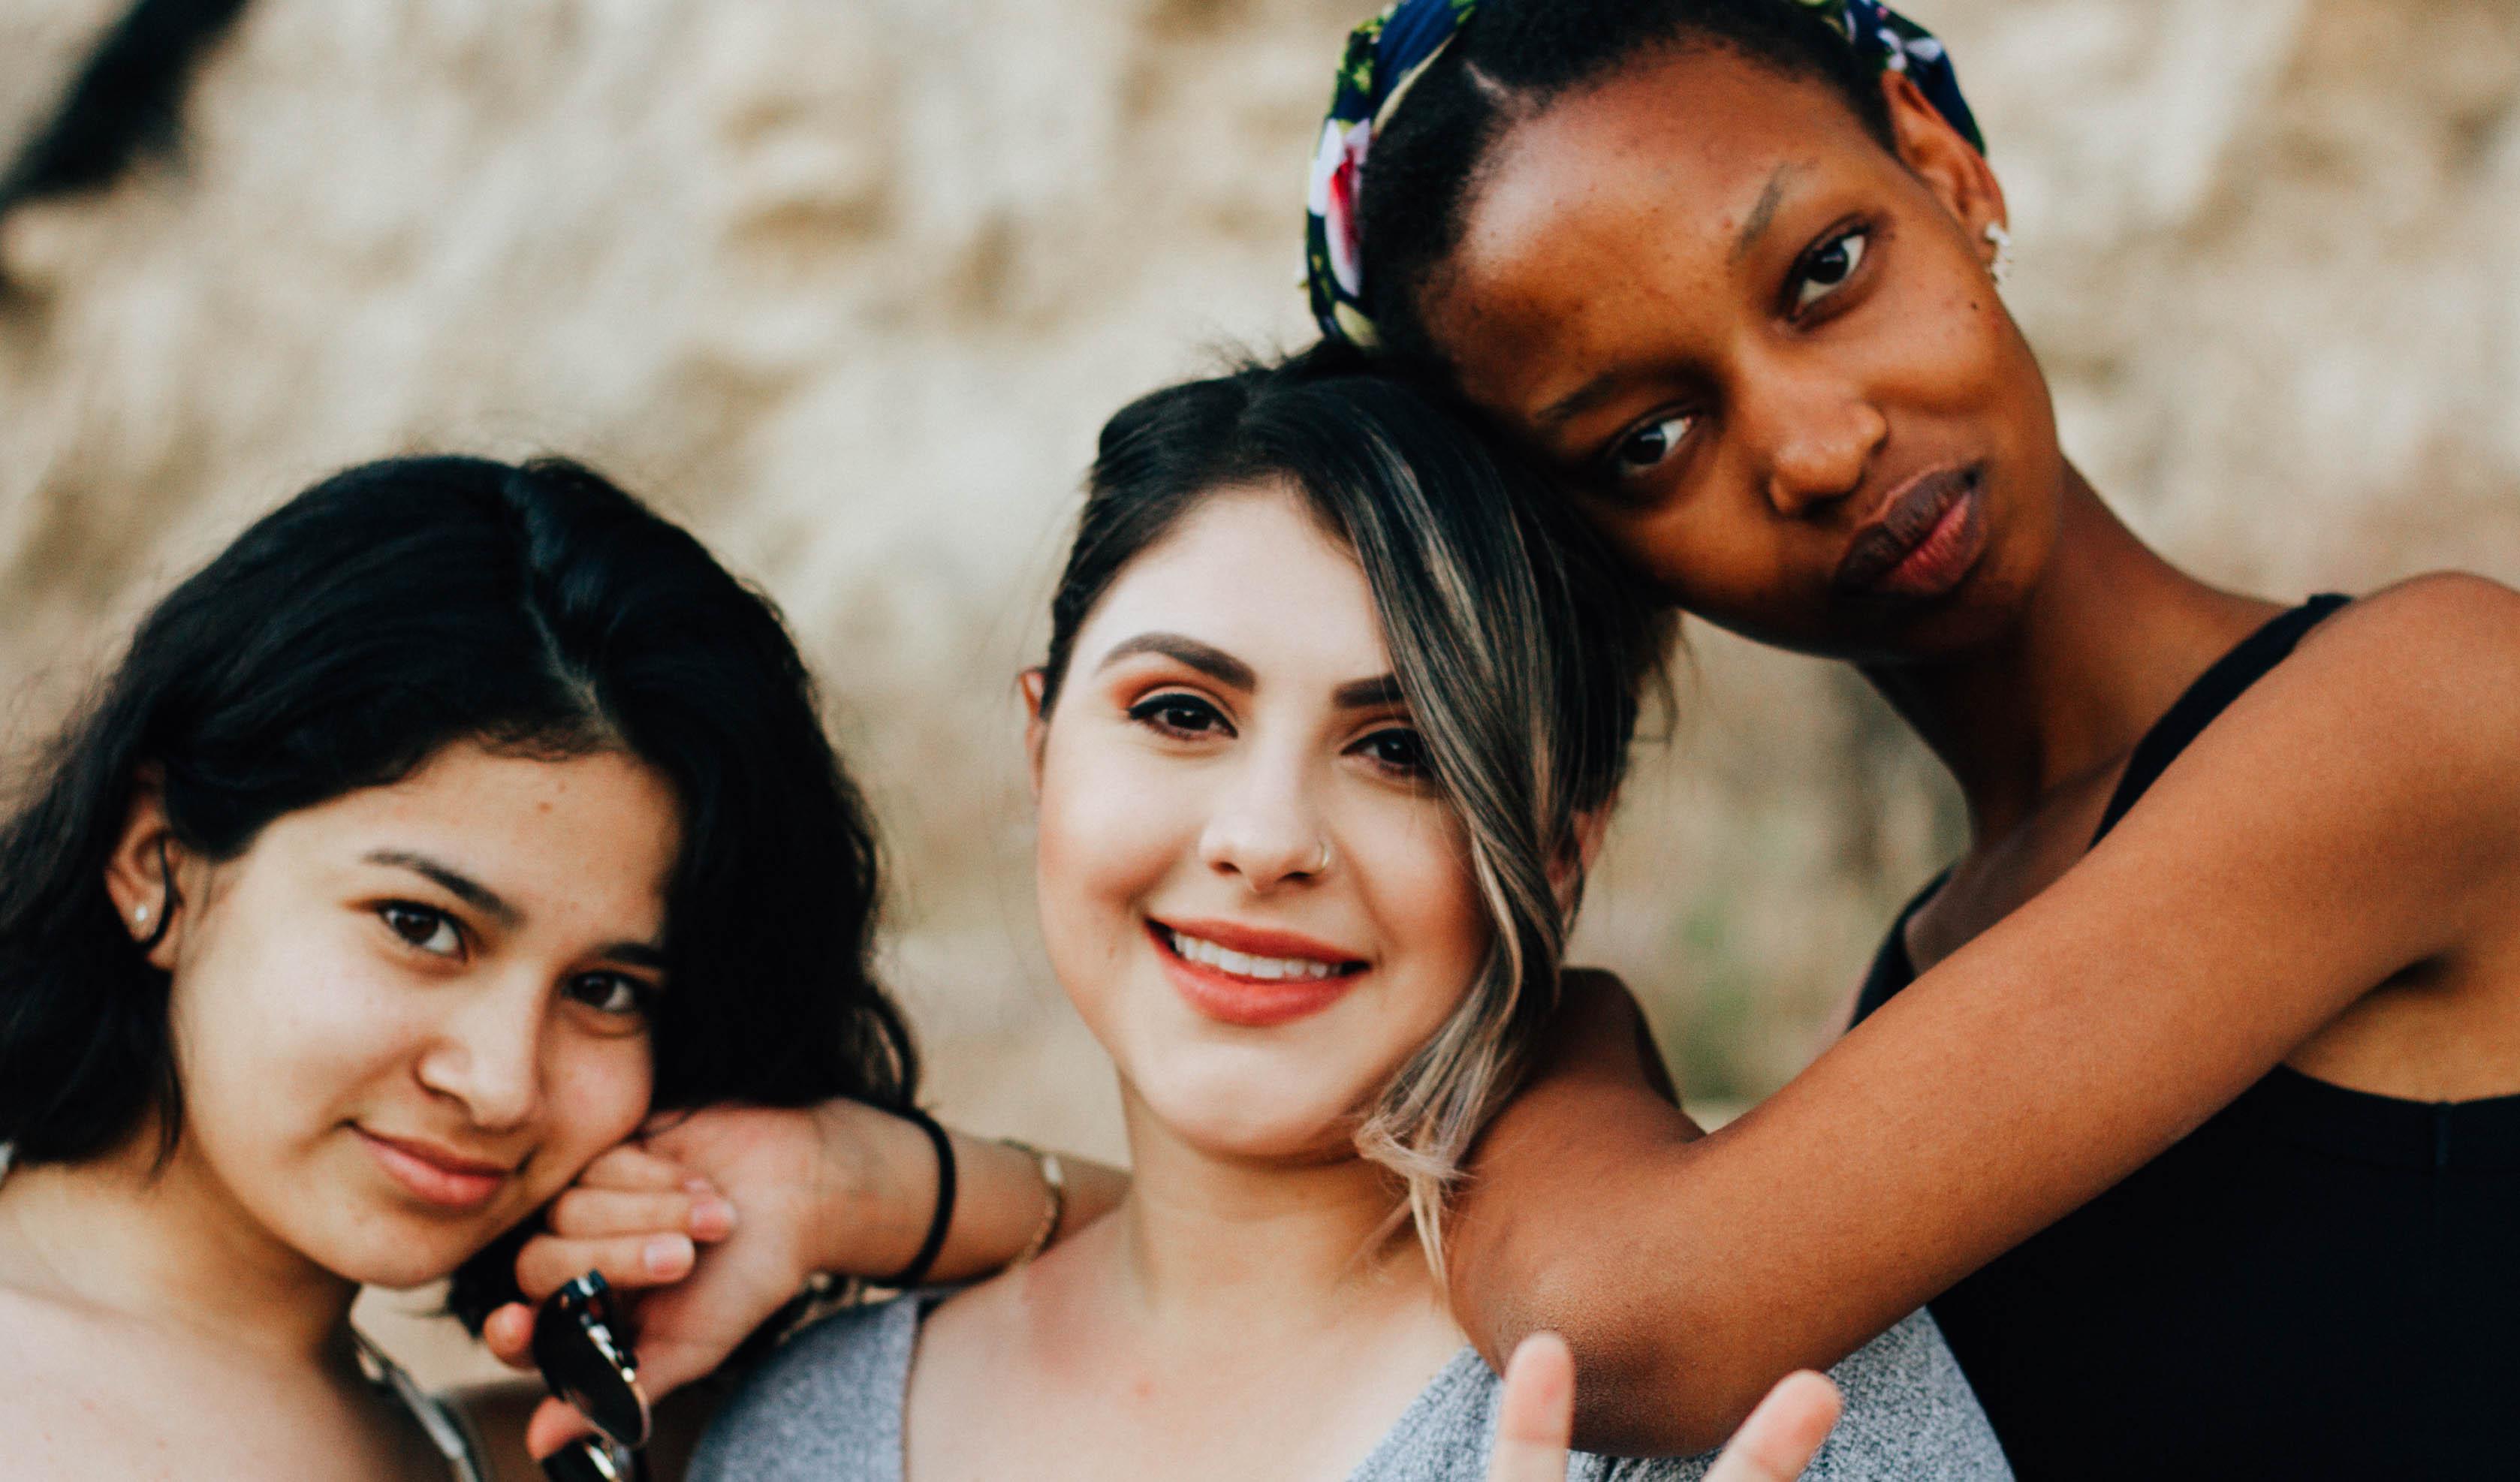 Foto von drei jungen, lächelnden Frauen